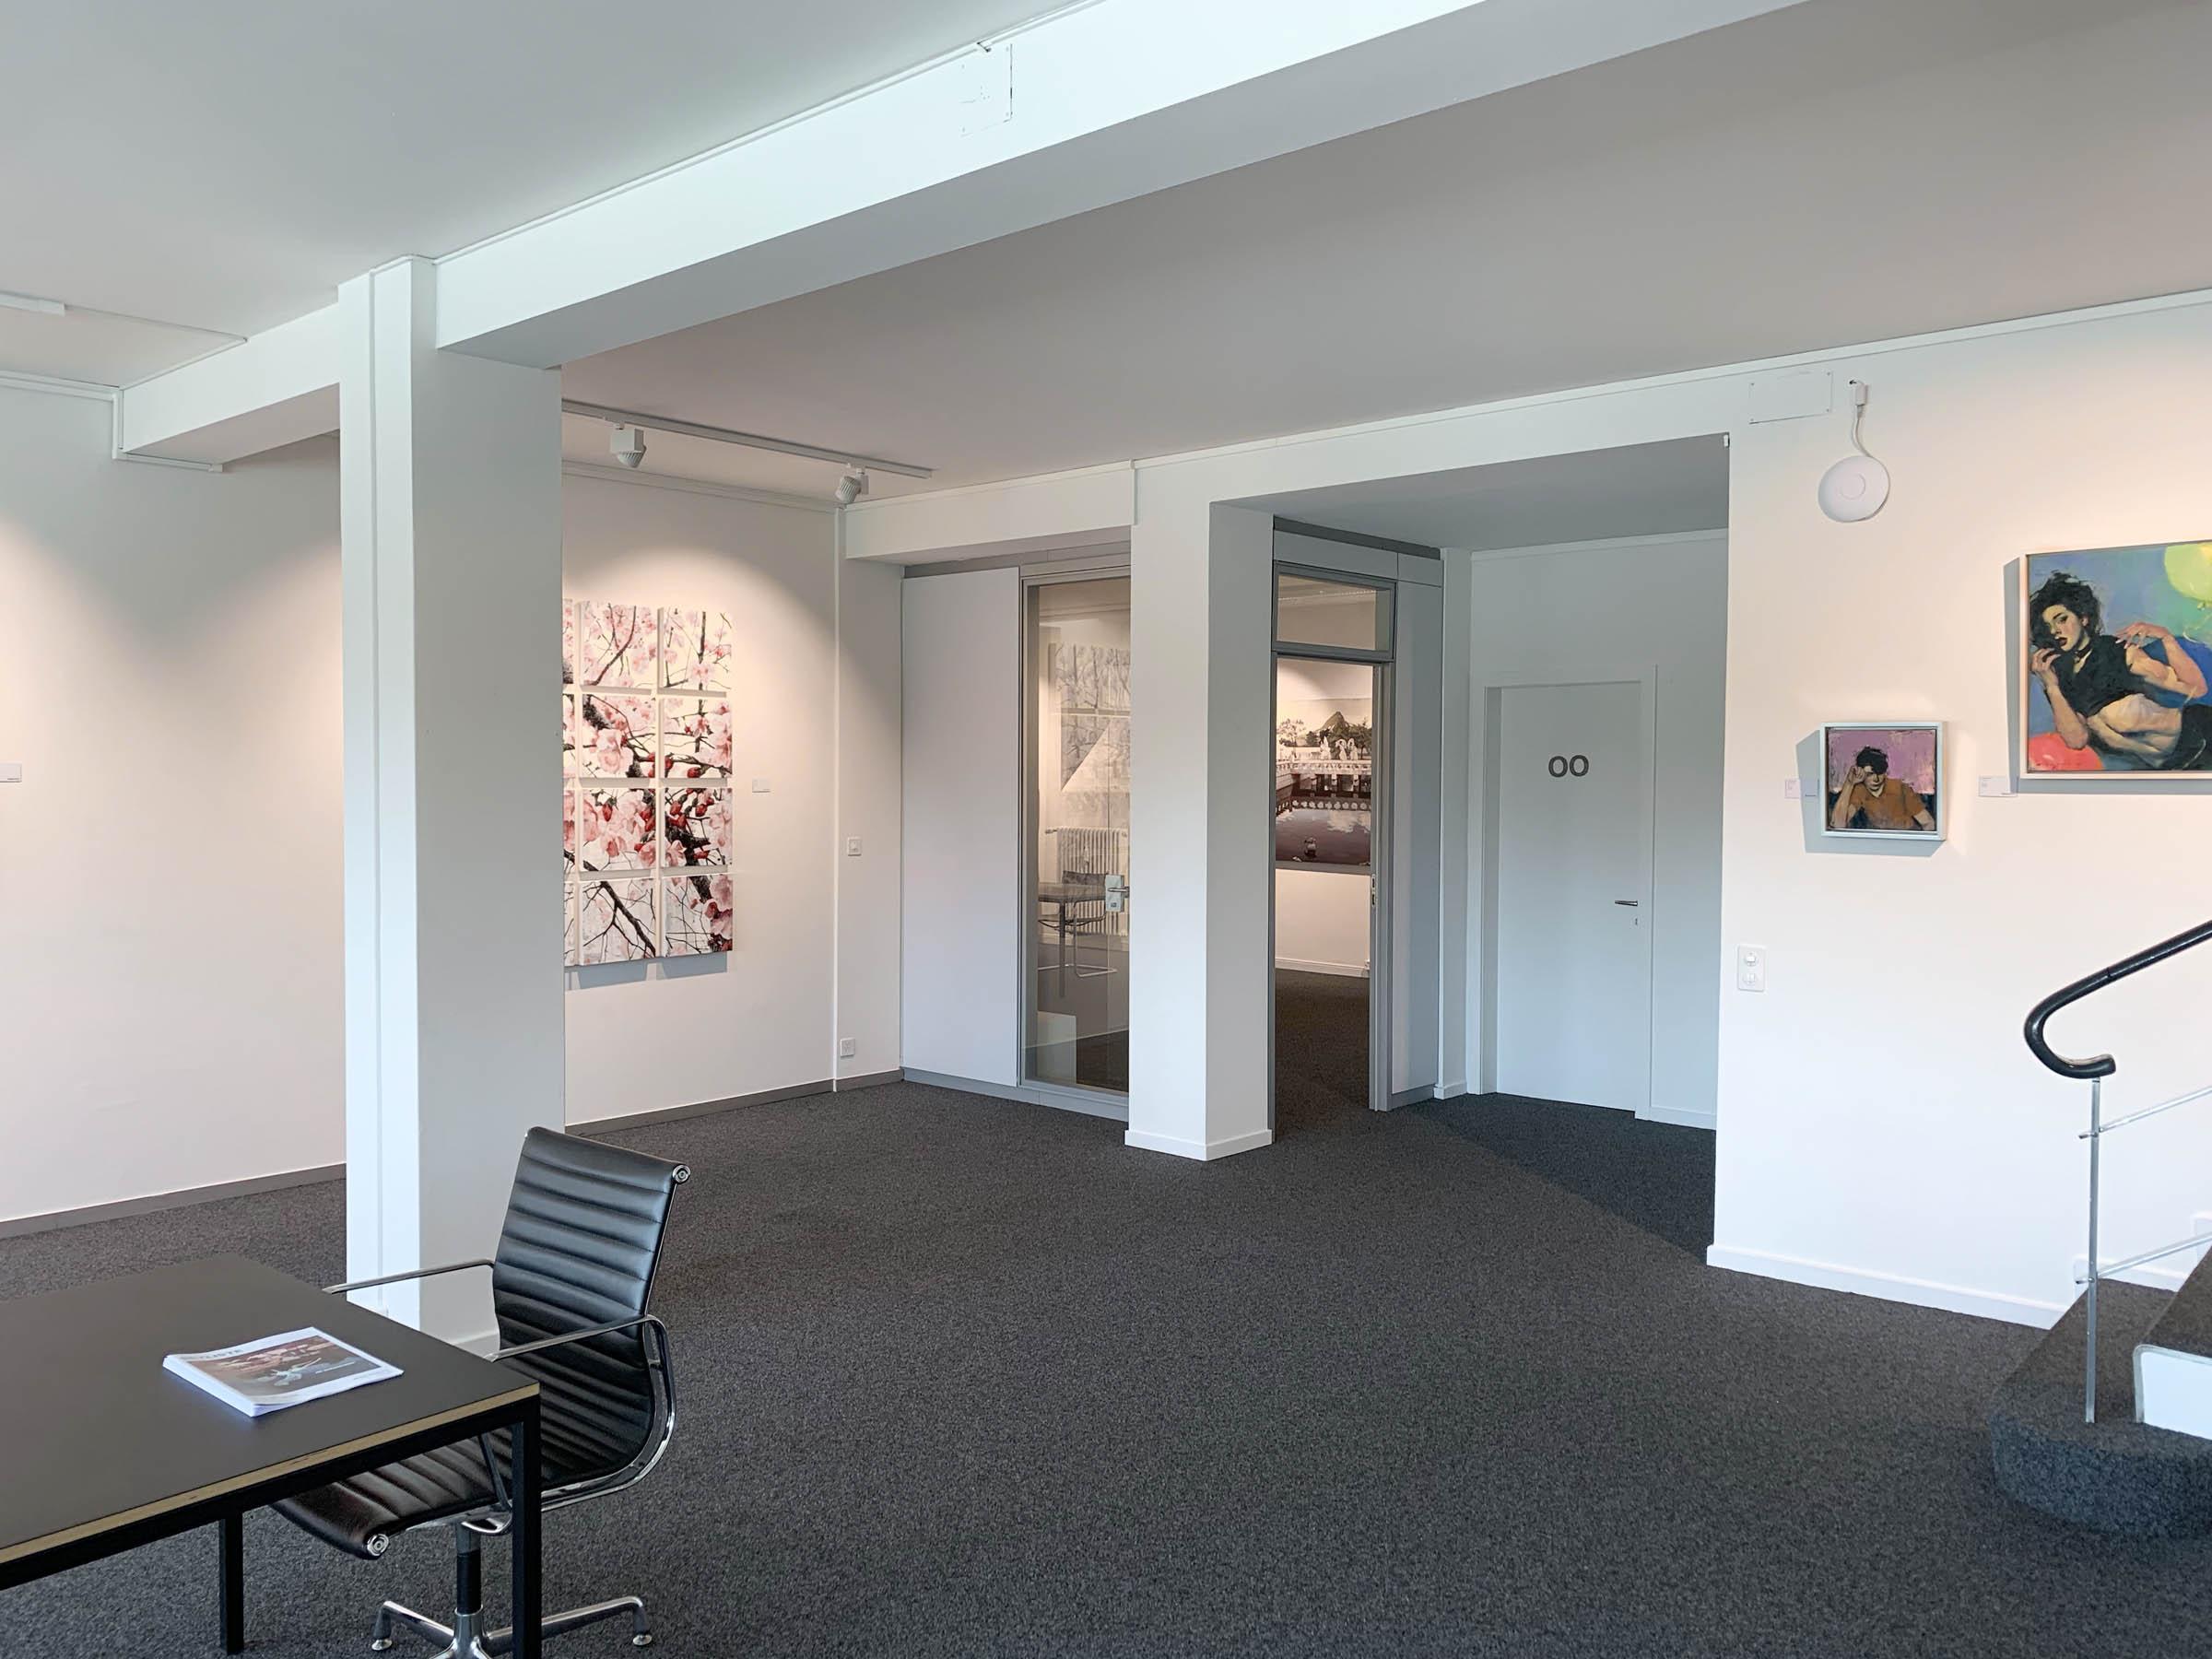 Schwerelos #05 gallery downstairs by cfk